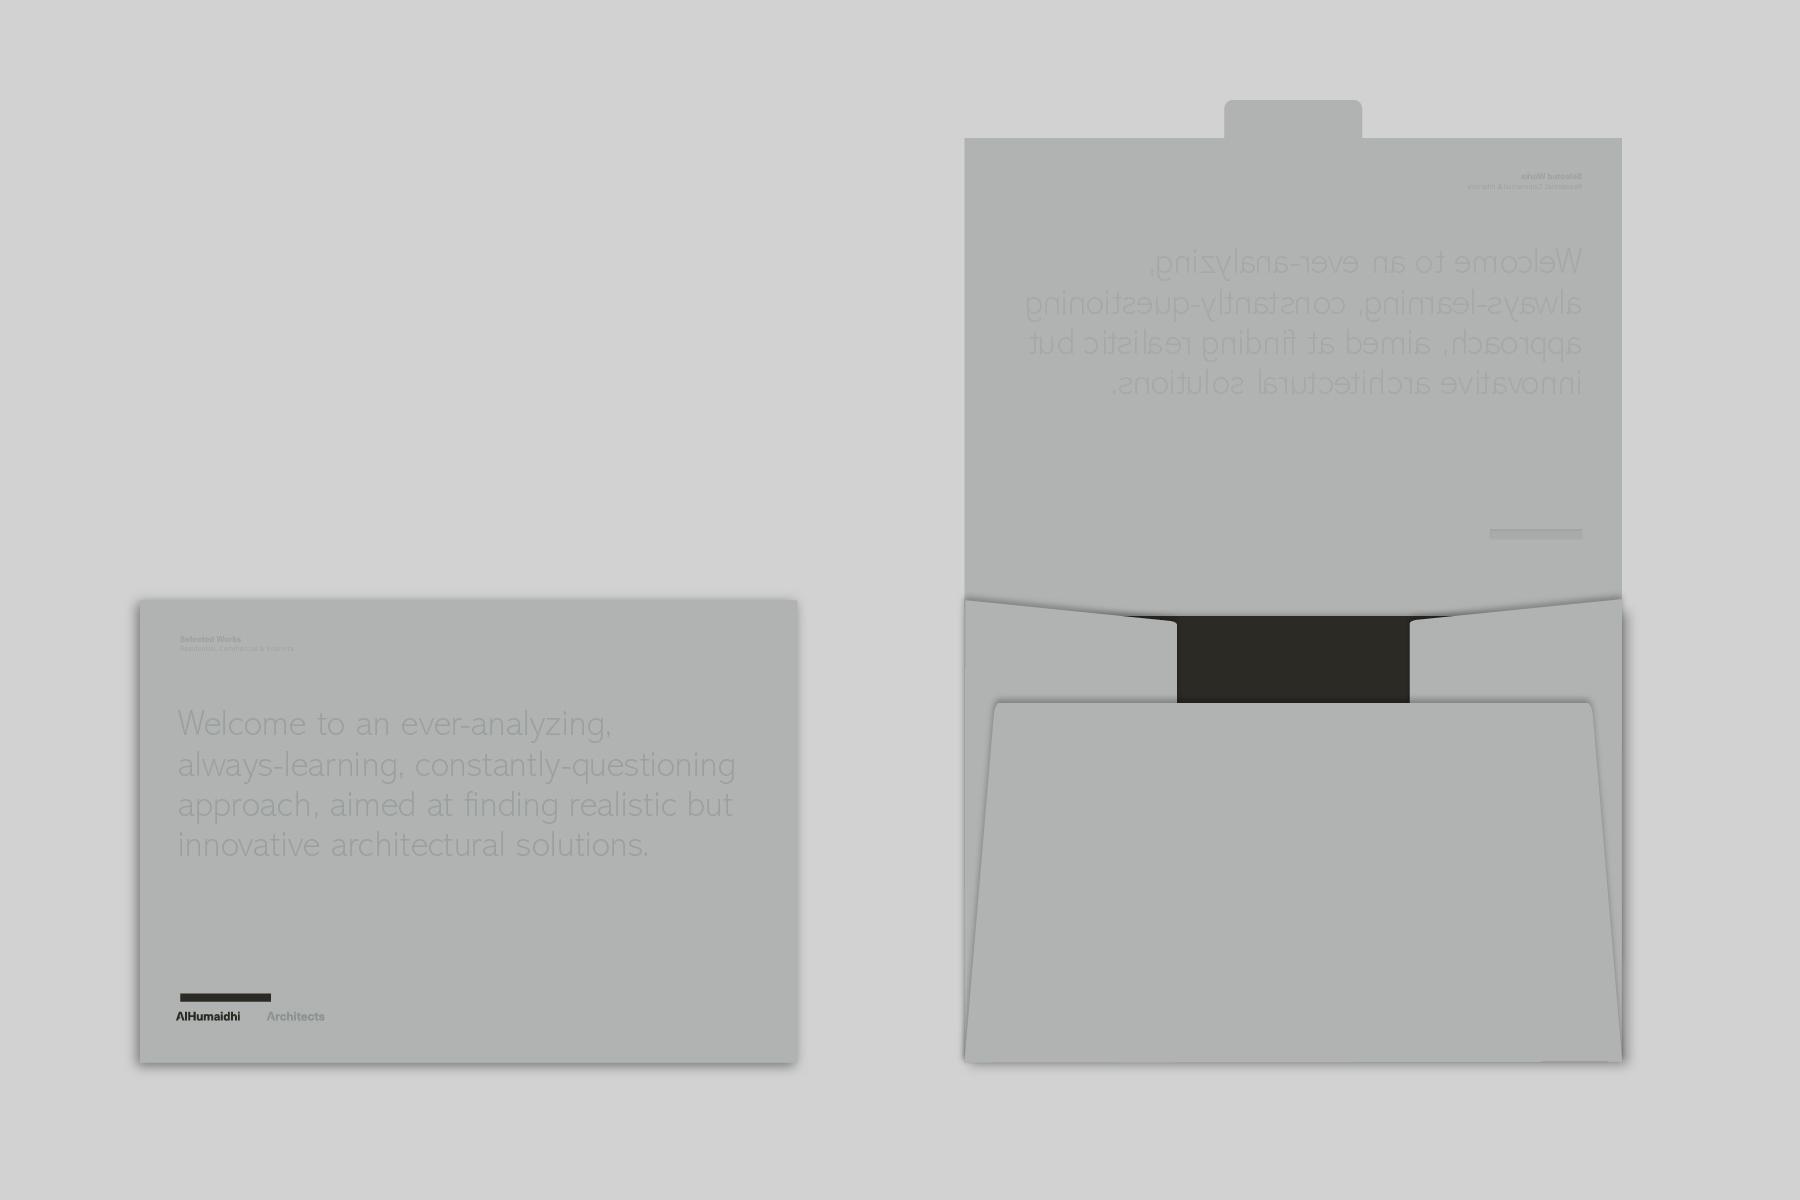 AlHumaidhi Architects by Gen design studio